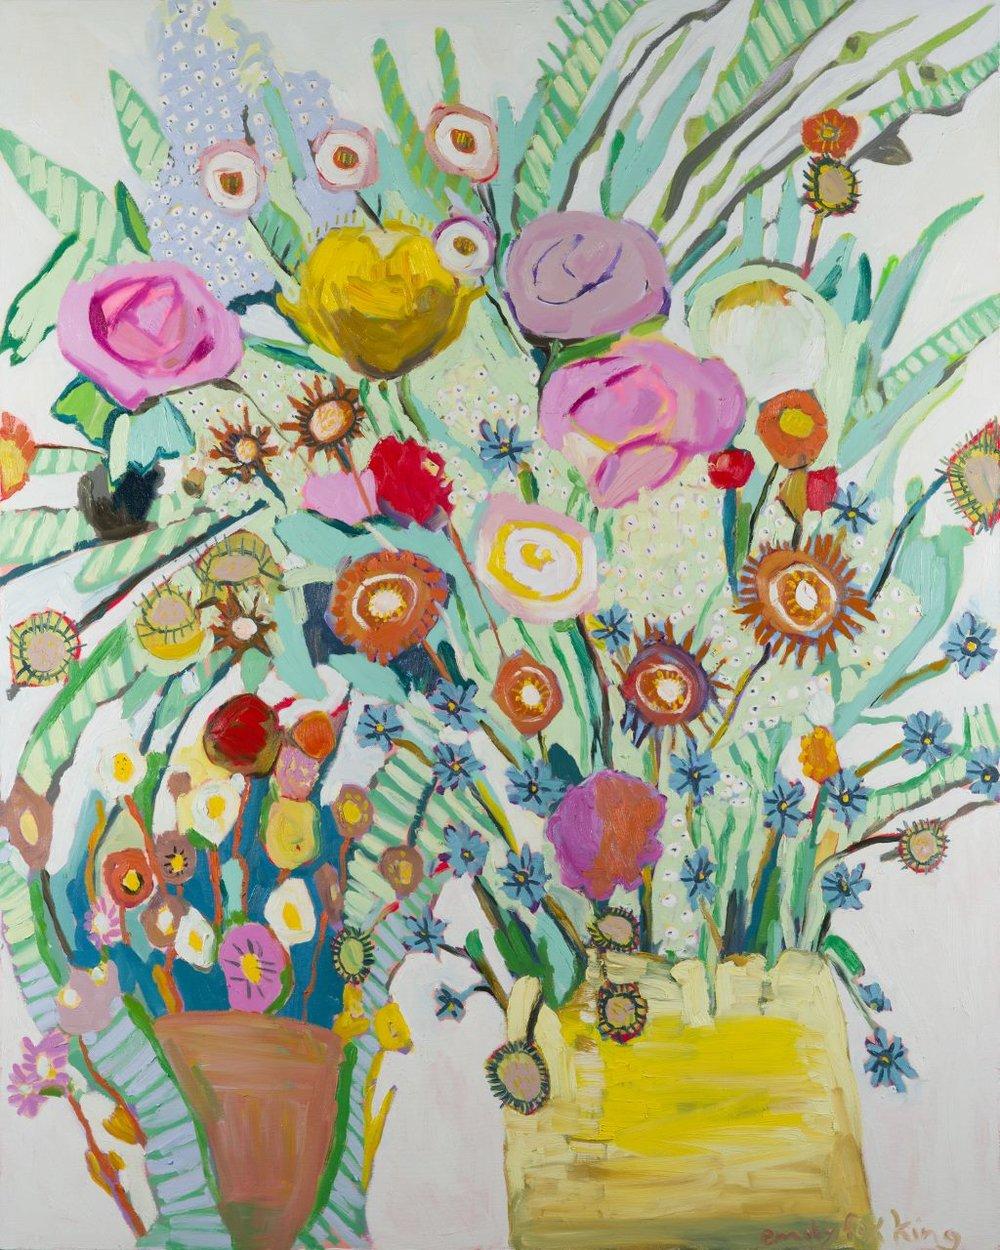 Debra , oil on canvas, 48x 60 inches